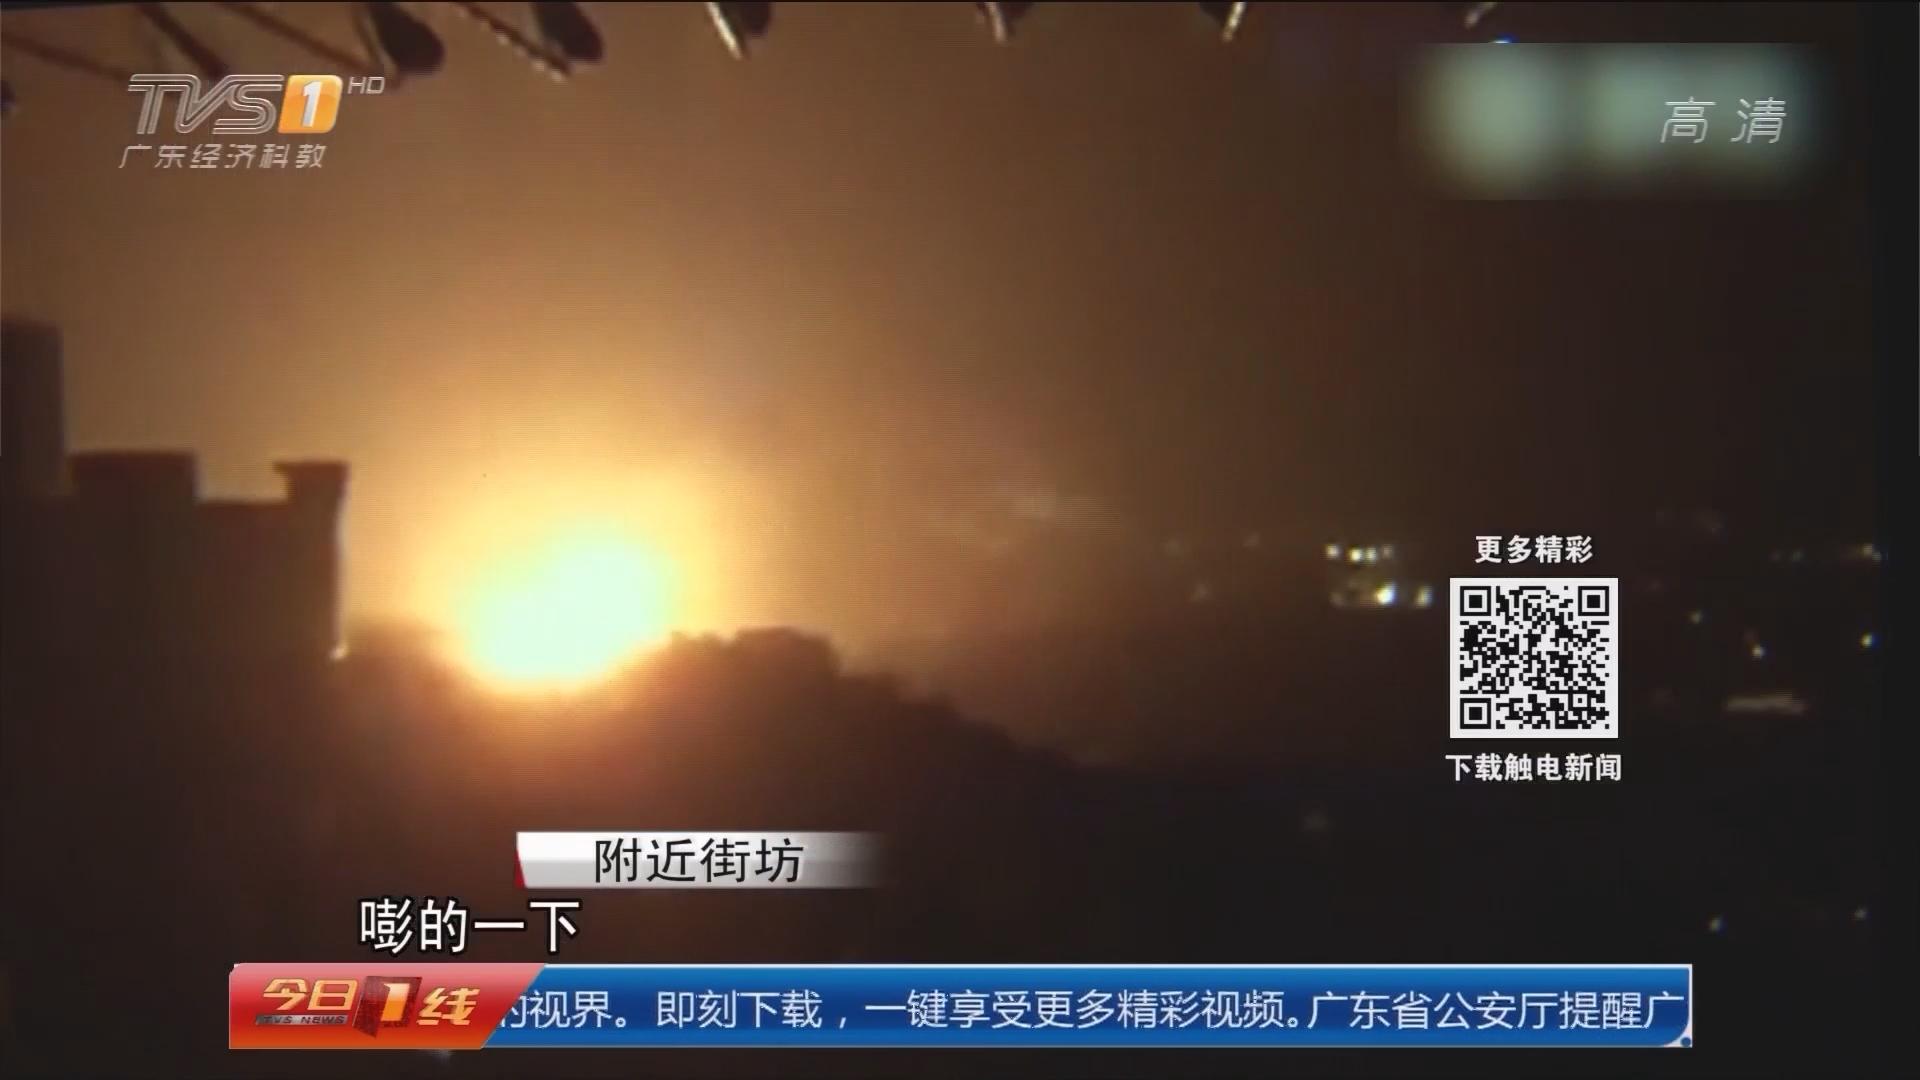 广州番禺:番禺厂房今晨大火 消防2小时扑灭